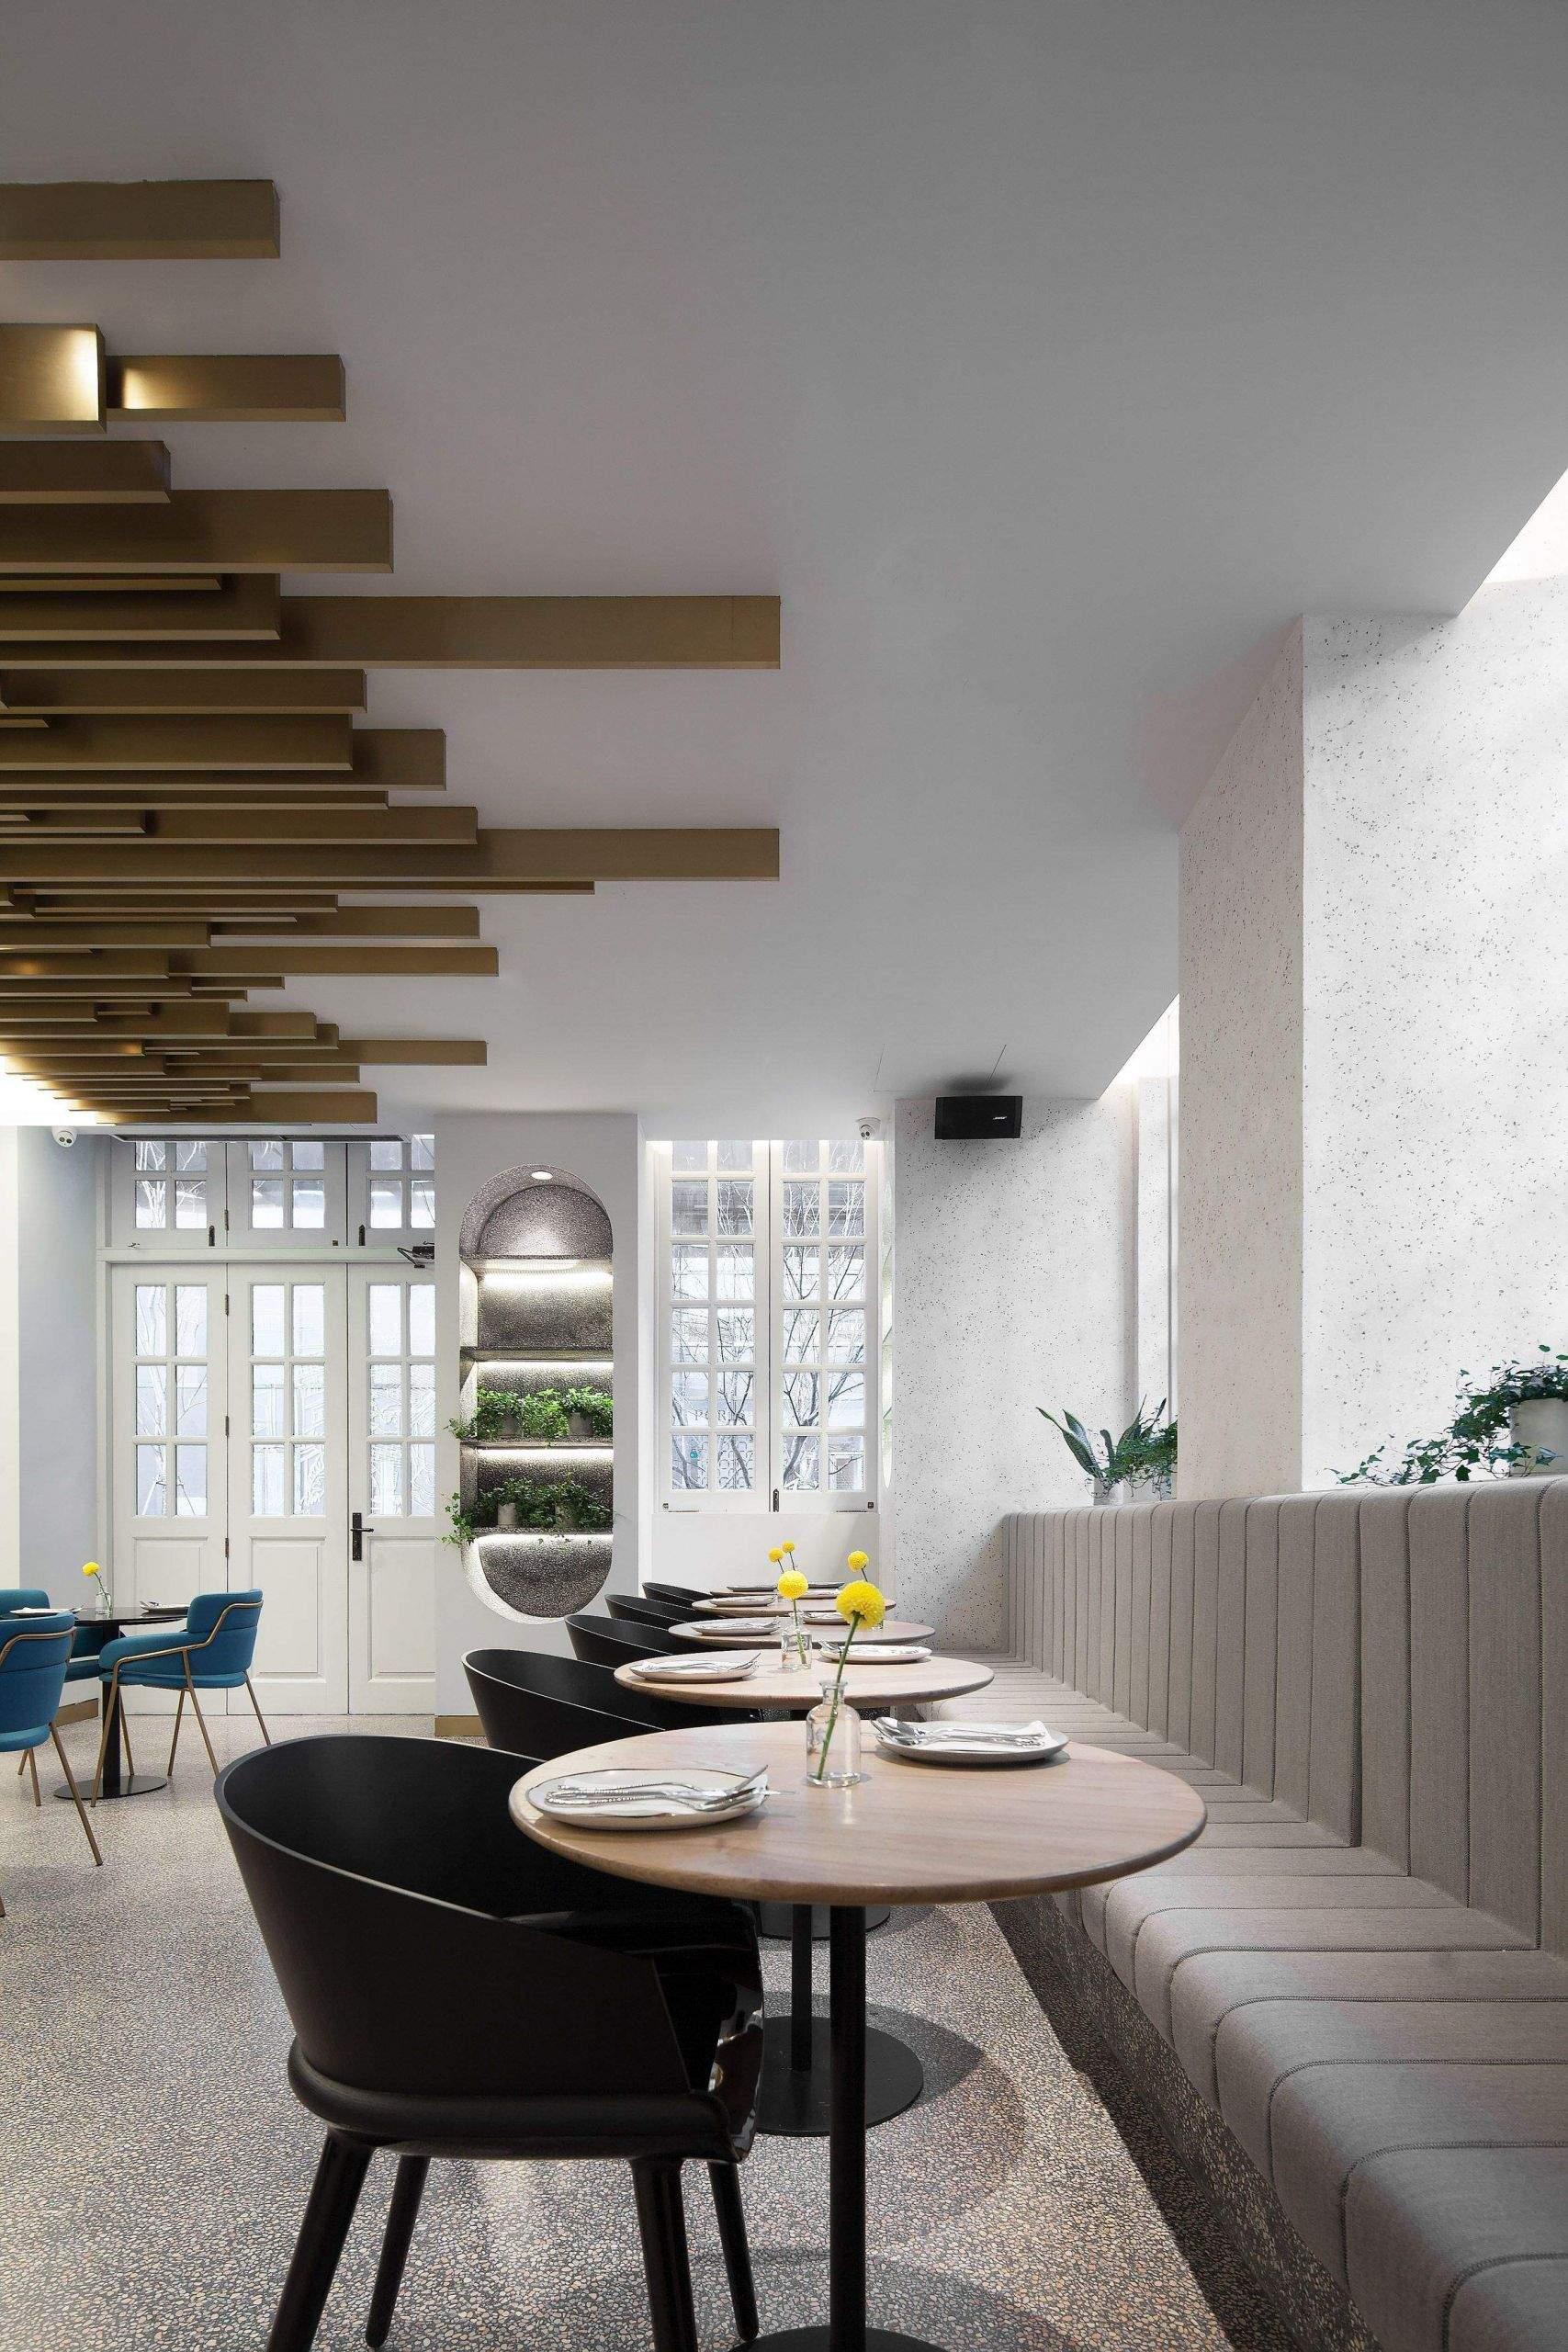 restaurant zoologischer garten inspirierend 72 besten bilder von restaurant design of restaurant zoologischer garten scaled